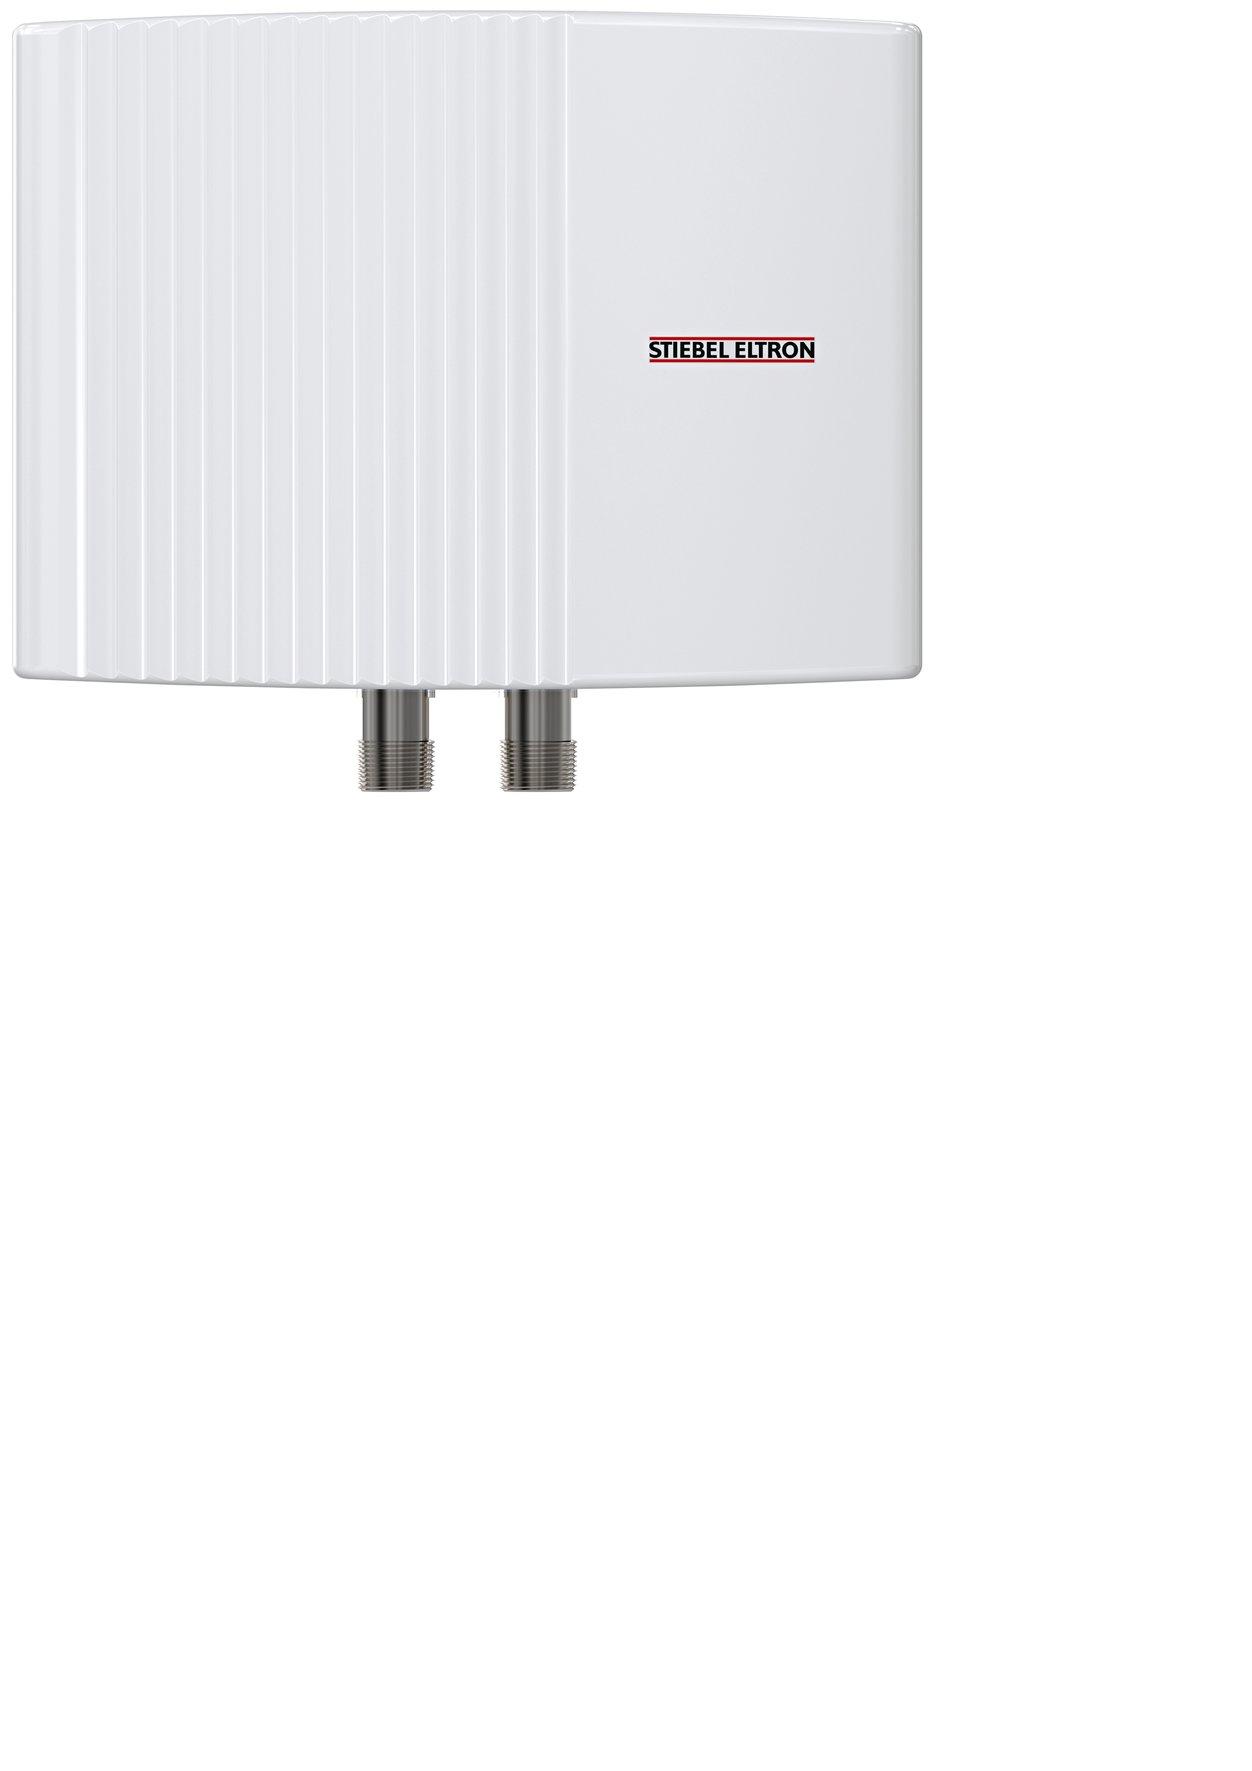 Обзор накопительных и проточных электрических водонагревателей stiebel eltron